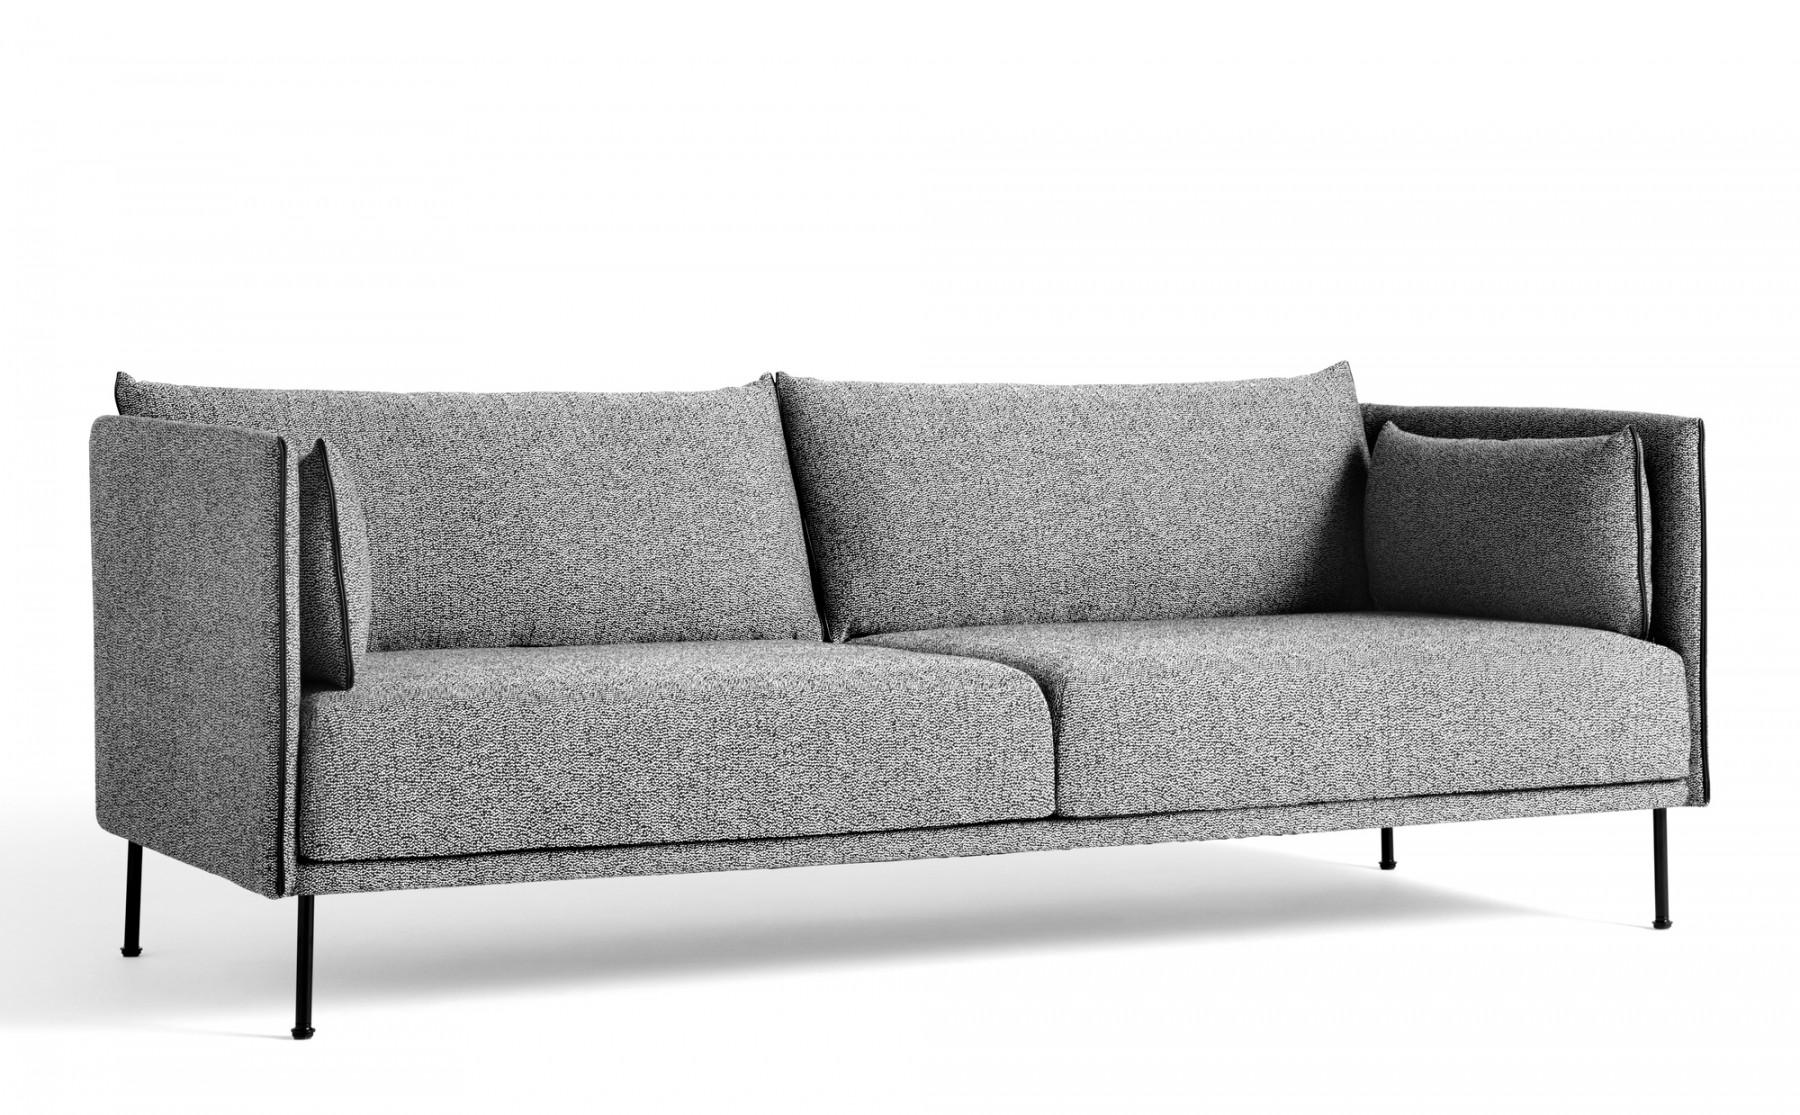 Full Size of 3 Sitzer Sofa Mit Schlaffunktion Leder Und Bettkasten Ikea Grau Nockeby Rot Bettfunktion Couch 2 Sessel Silhouette Mono Version Hay Einrichten Designde 1 Home Sofa 3 Sitzer Sofa